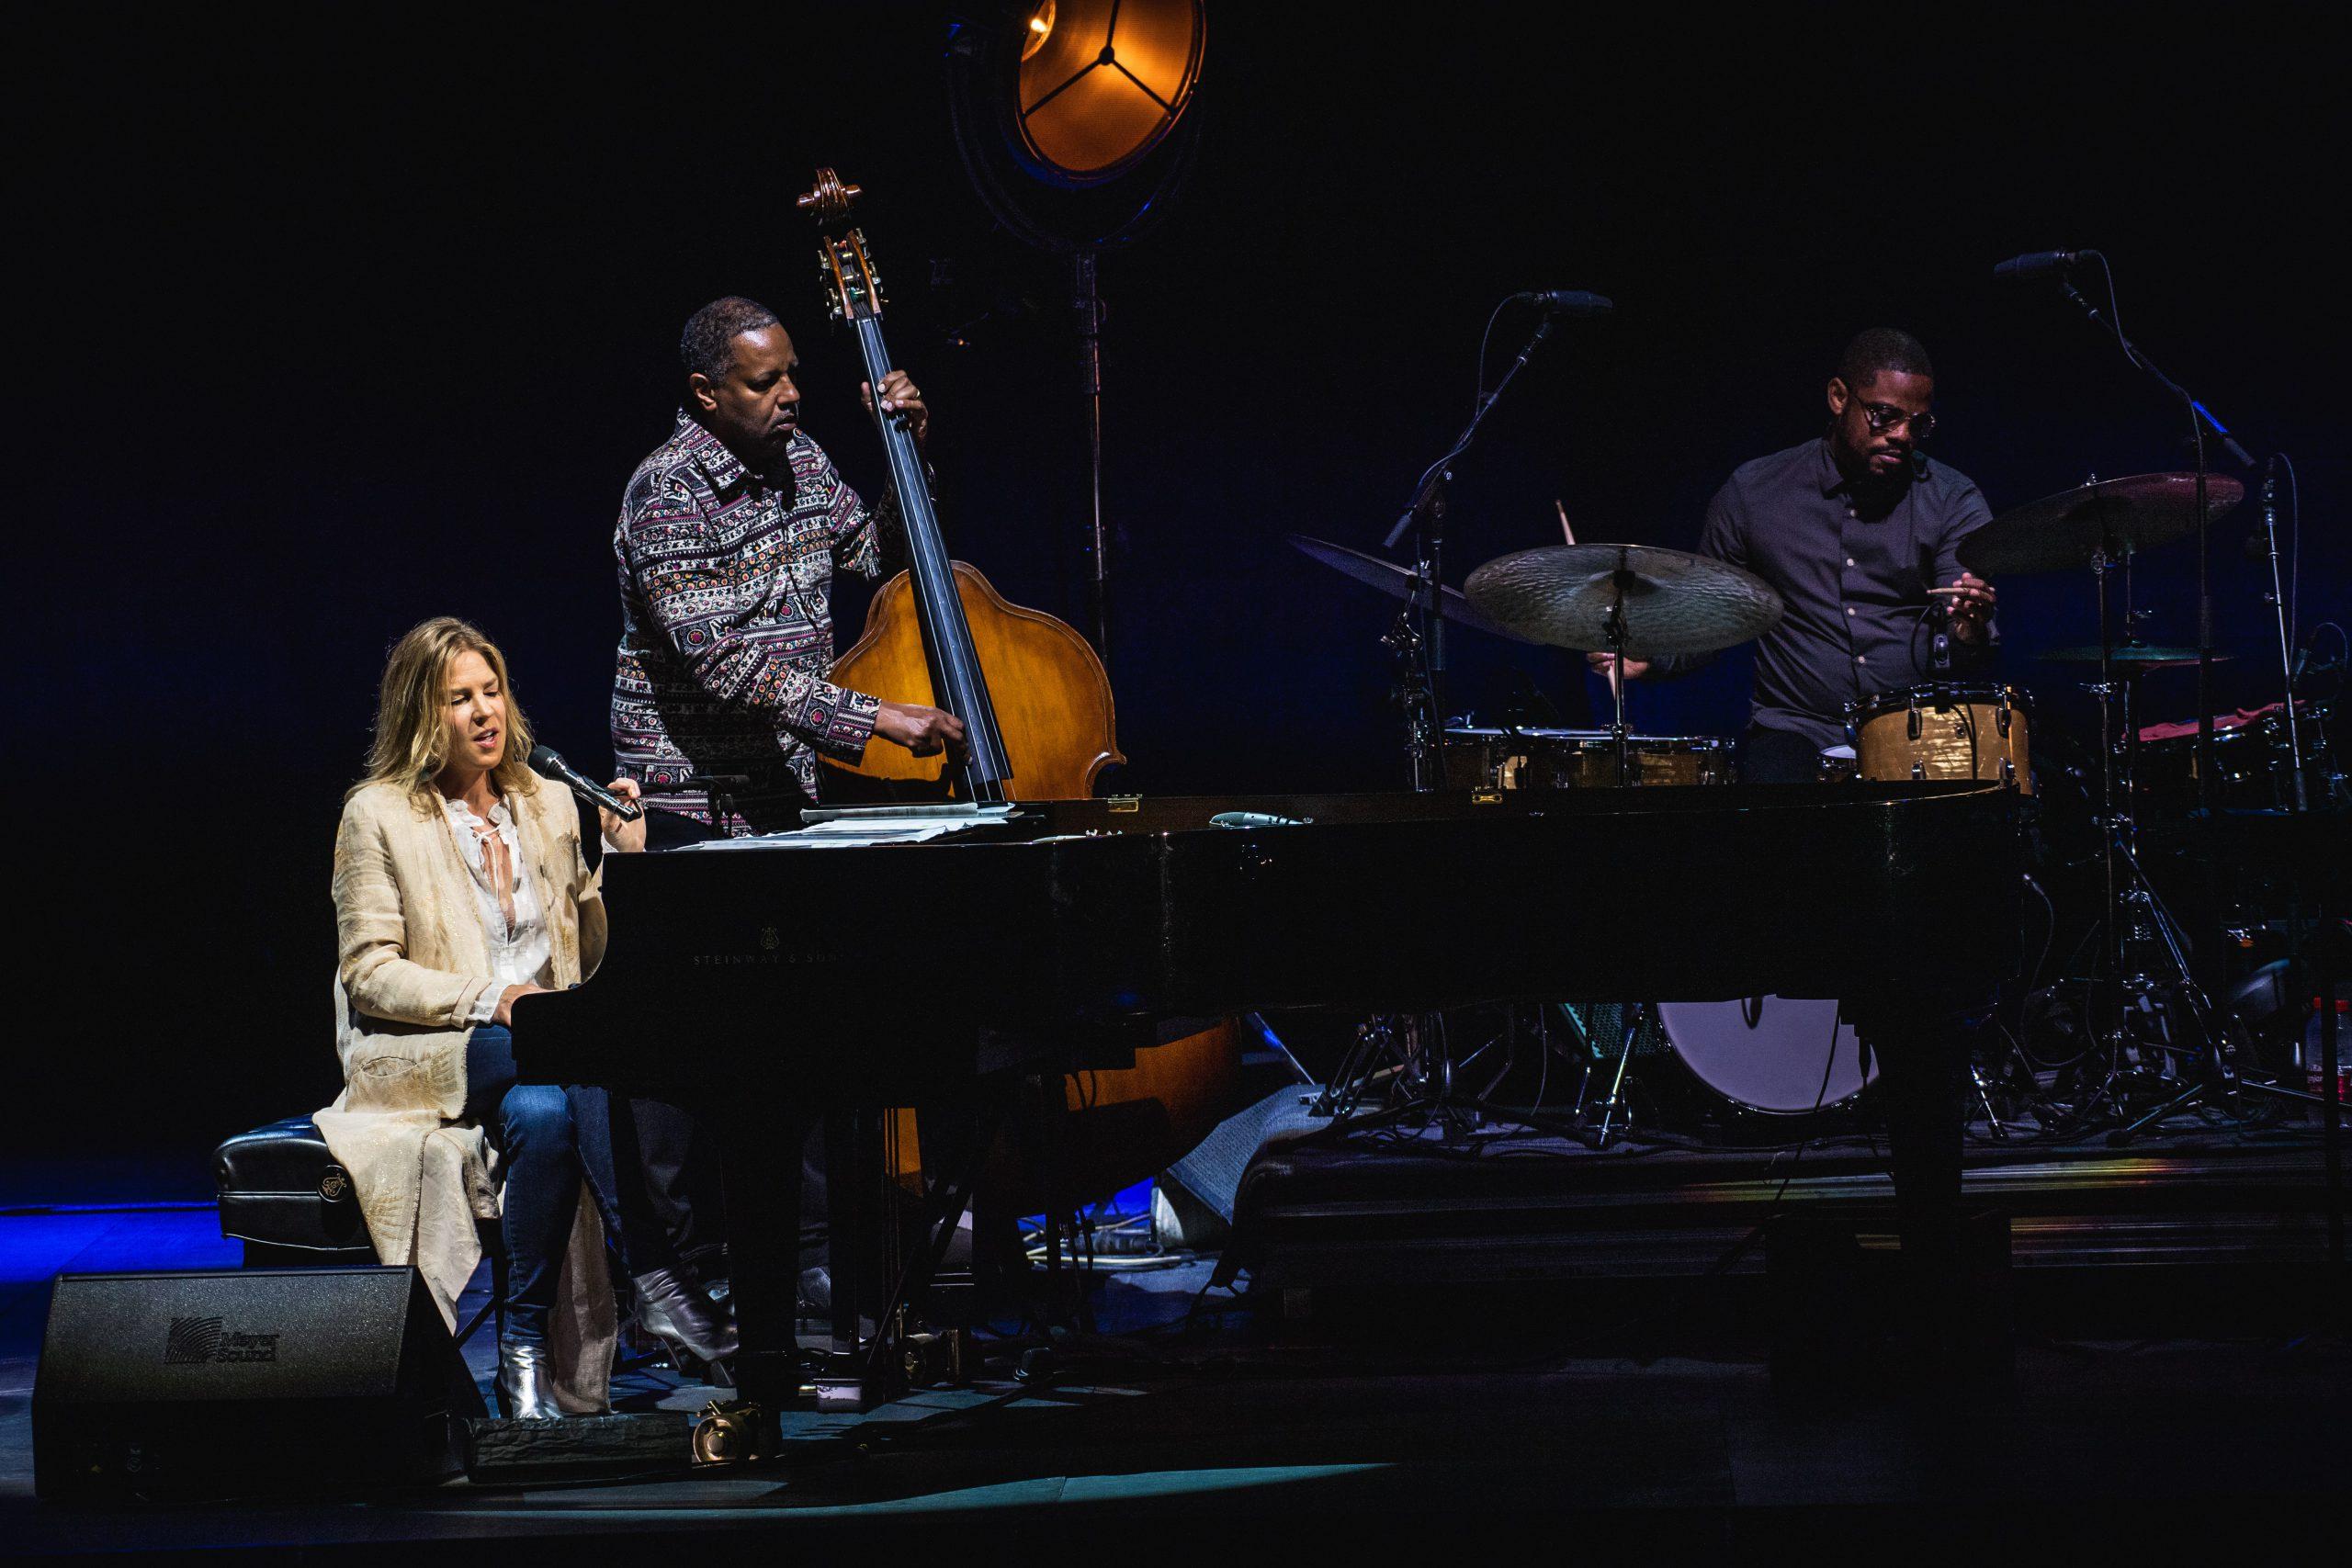 El jazz íntimo de Diana Krall brinda una noche mágica al Auditorio de Starlite